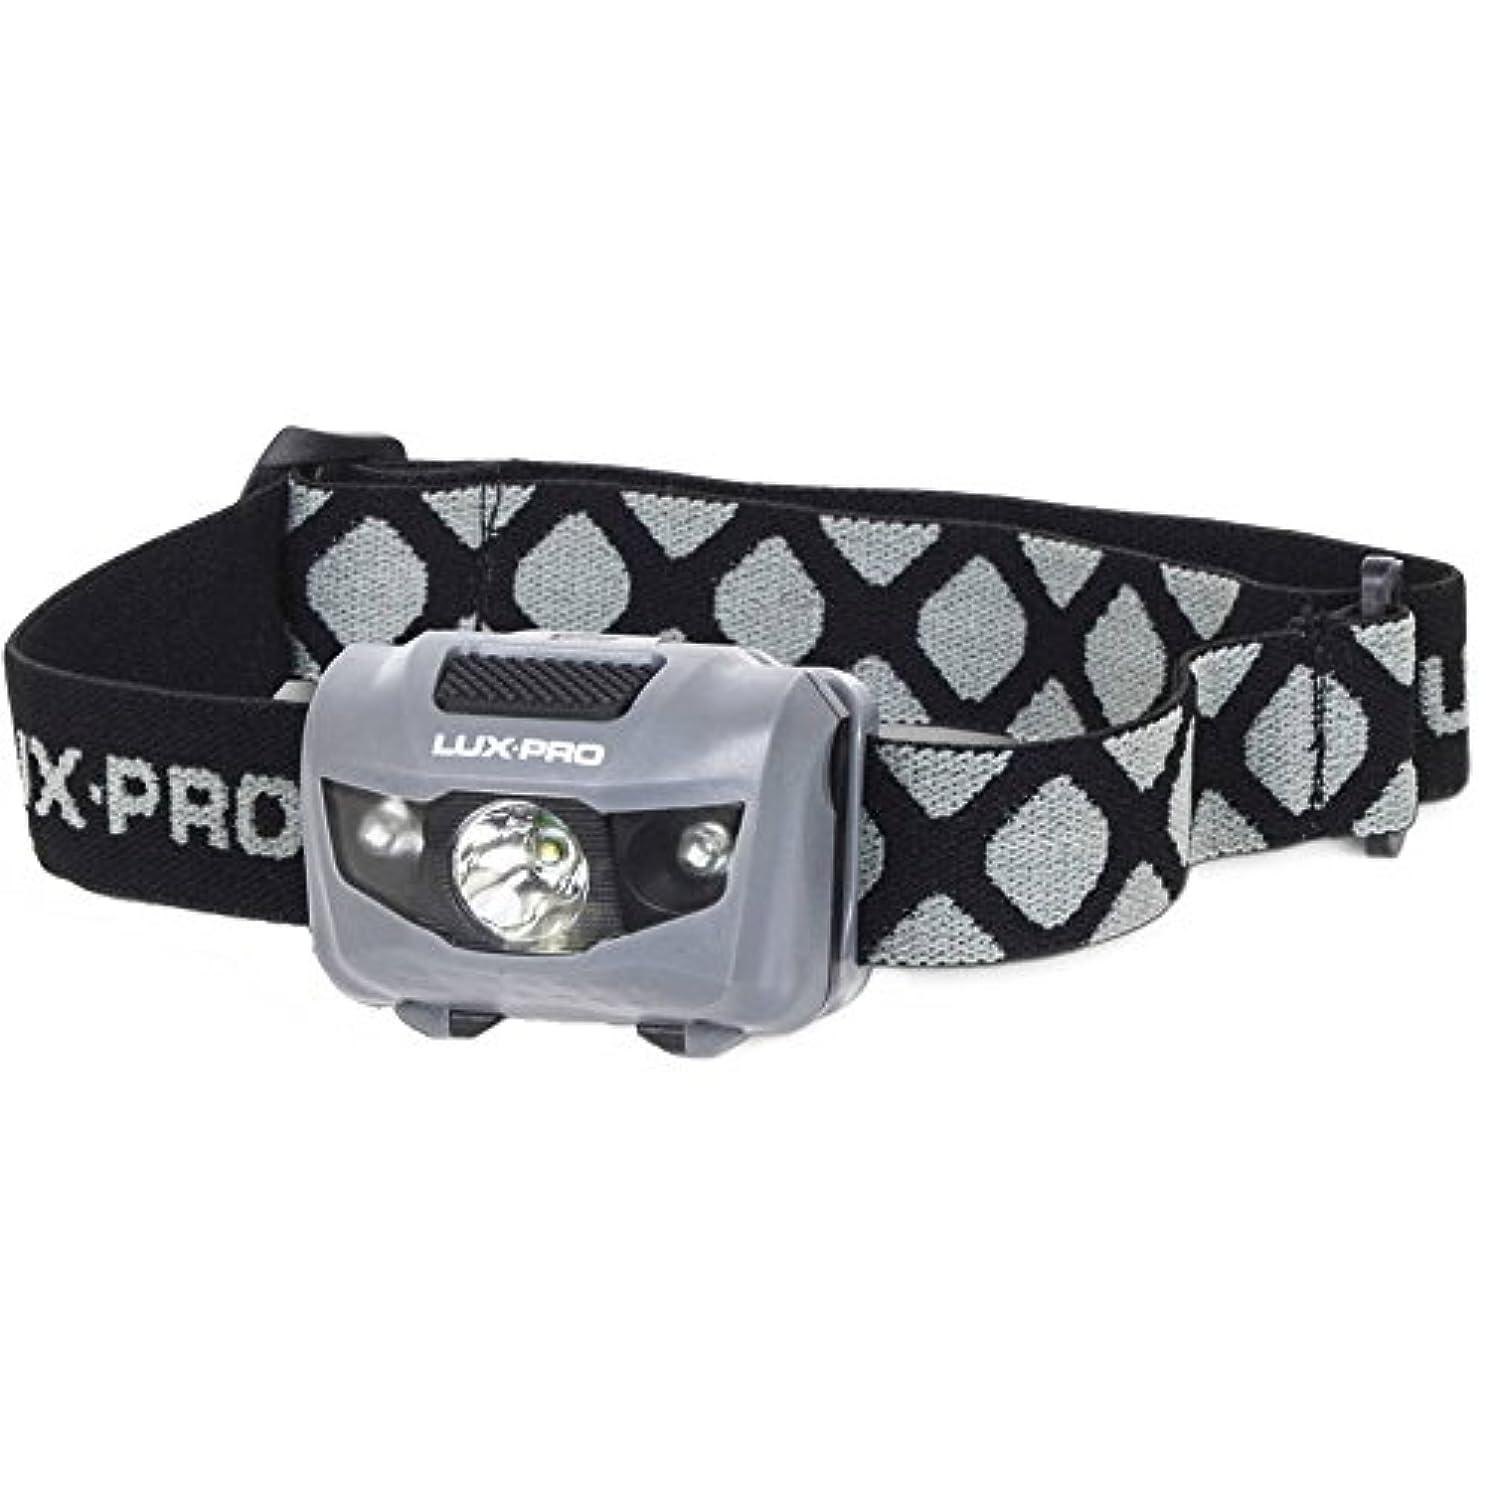 社会へこみハイキングに行くLUX-PRO 130 Lumens 4 Function Headlamp Flashlight, Black by LUX-PRO